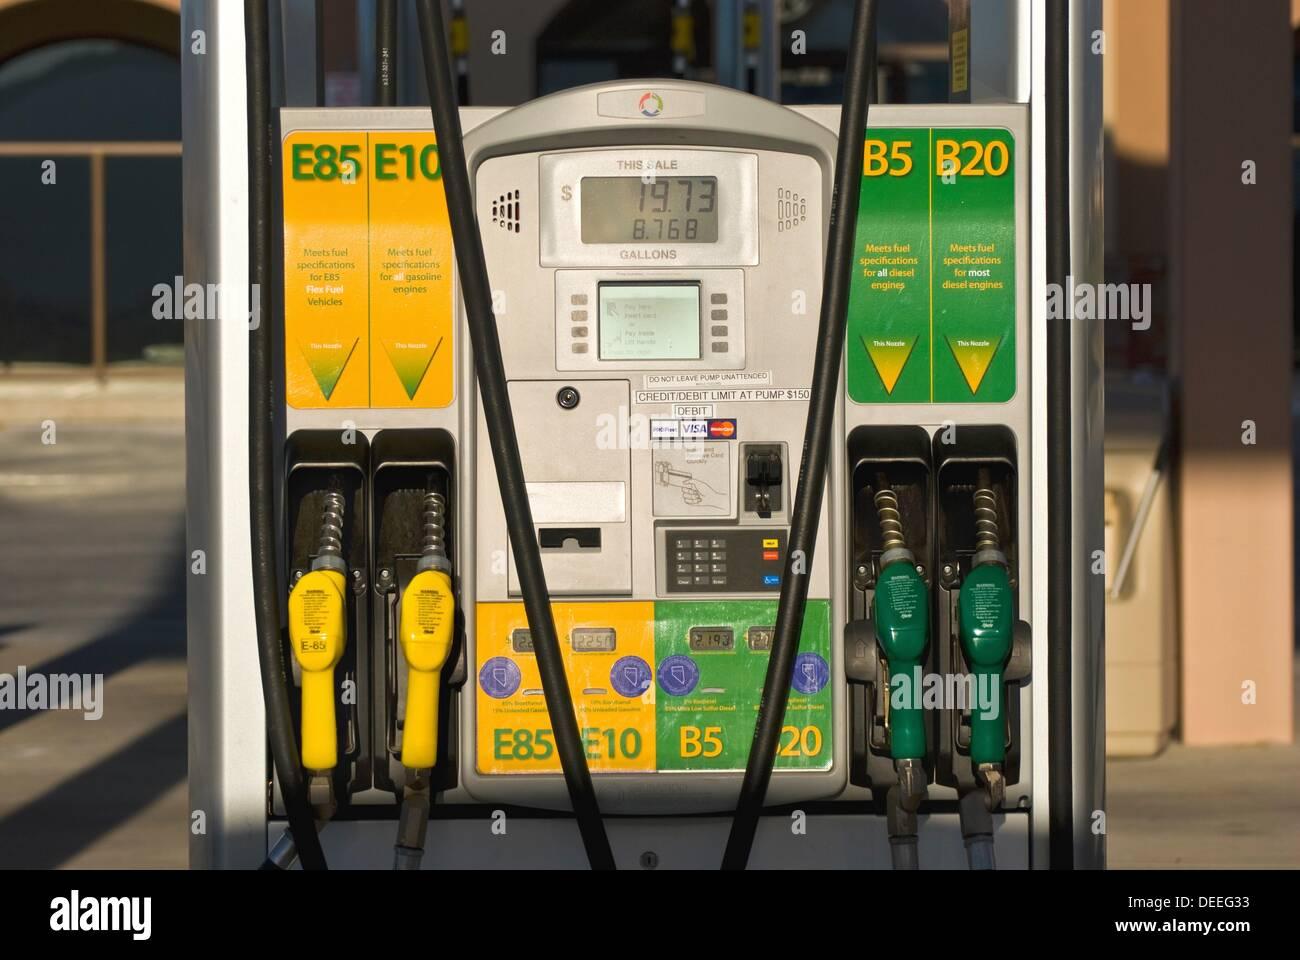 biodiesel ethanol kraftstoff pumpen im einzelhandel tankstelle mit e85 e10 b5 b20 minden. Black Bedroom Furniture Sets. Home Design Ideas